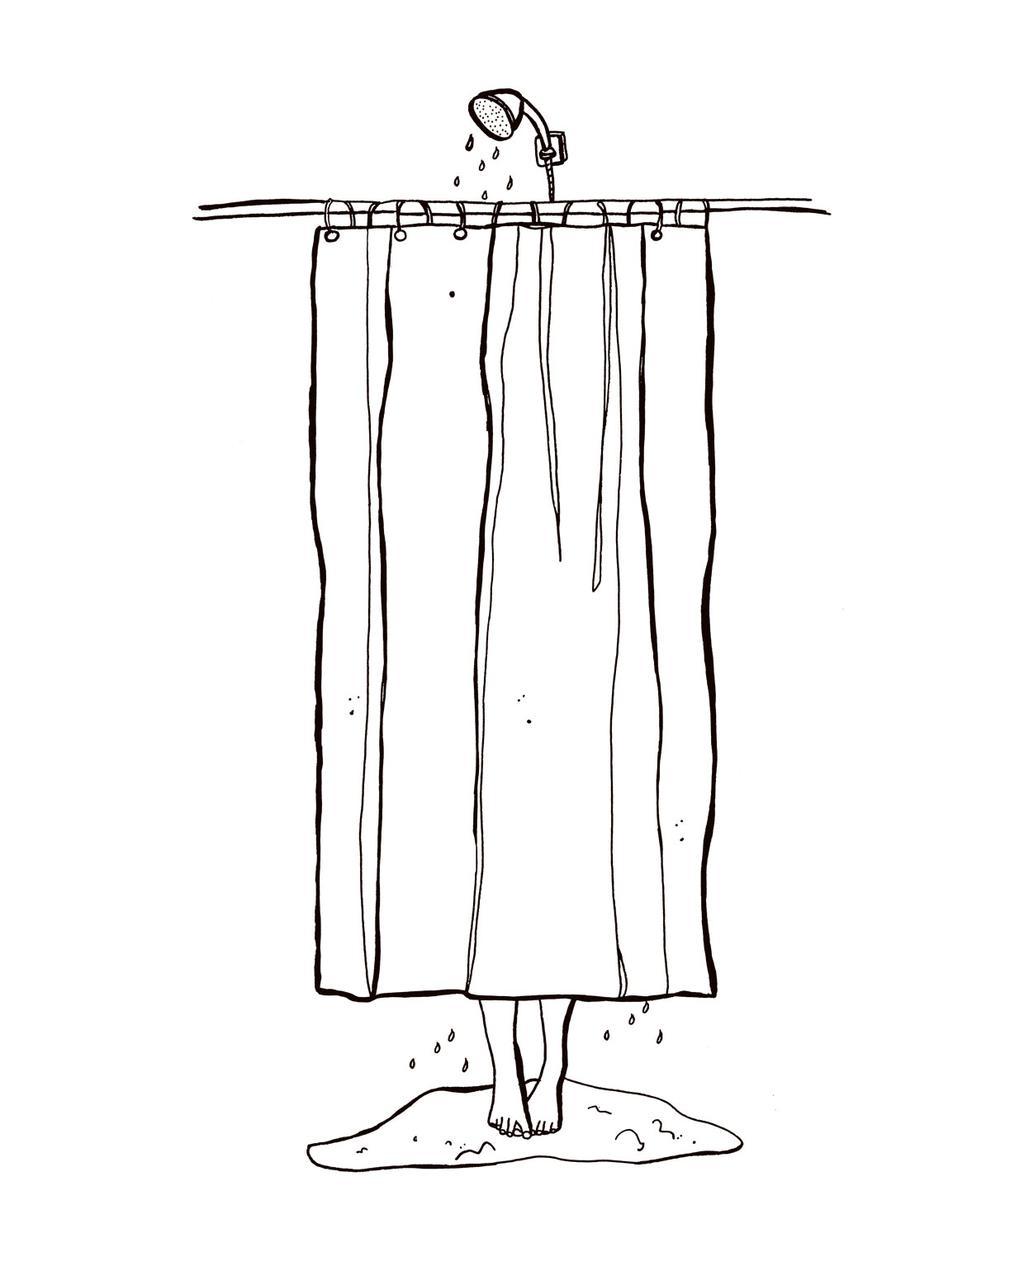 vtwonen-dossier-badkamer-tegelen-tegels-douche-illustratie-douchegordijn